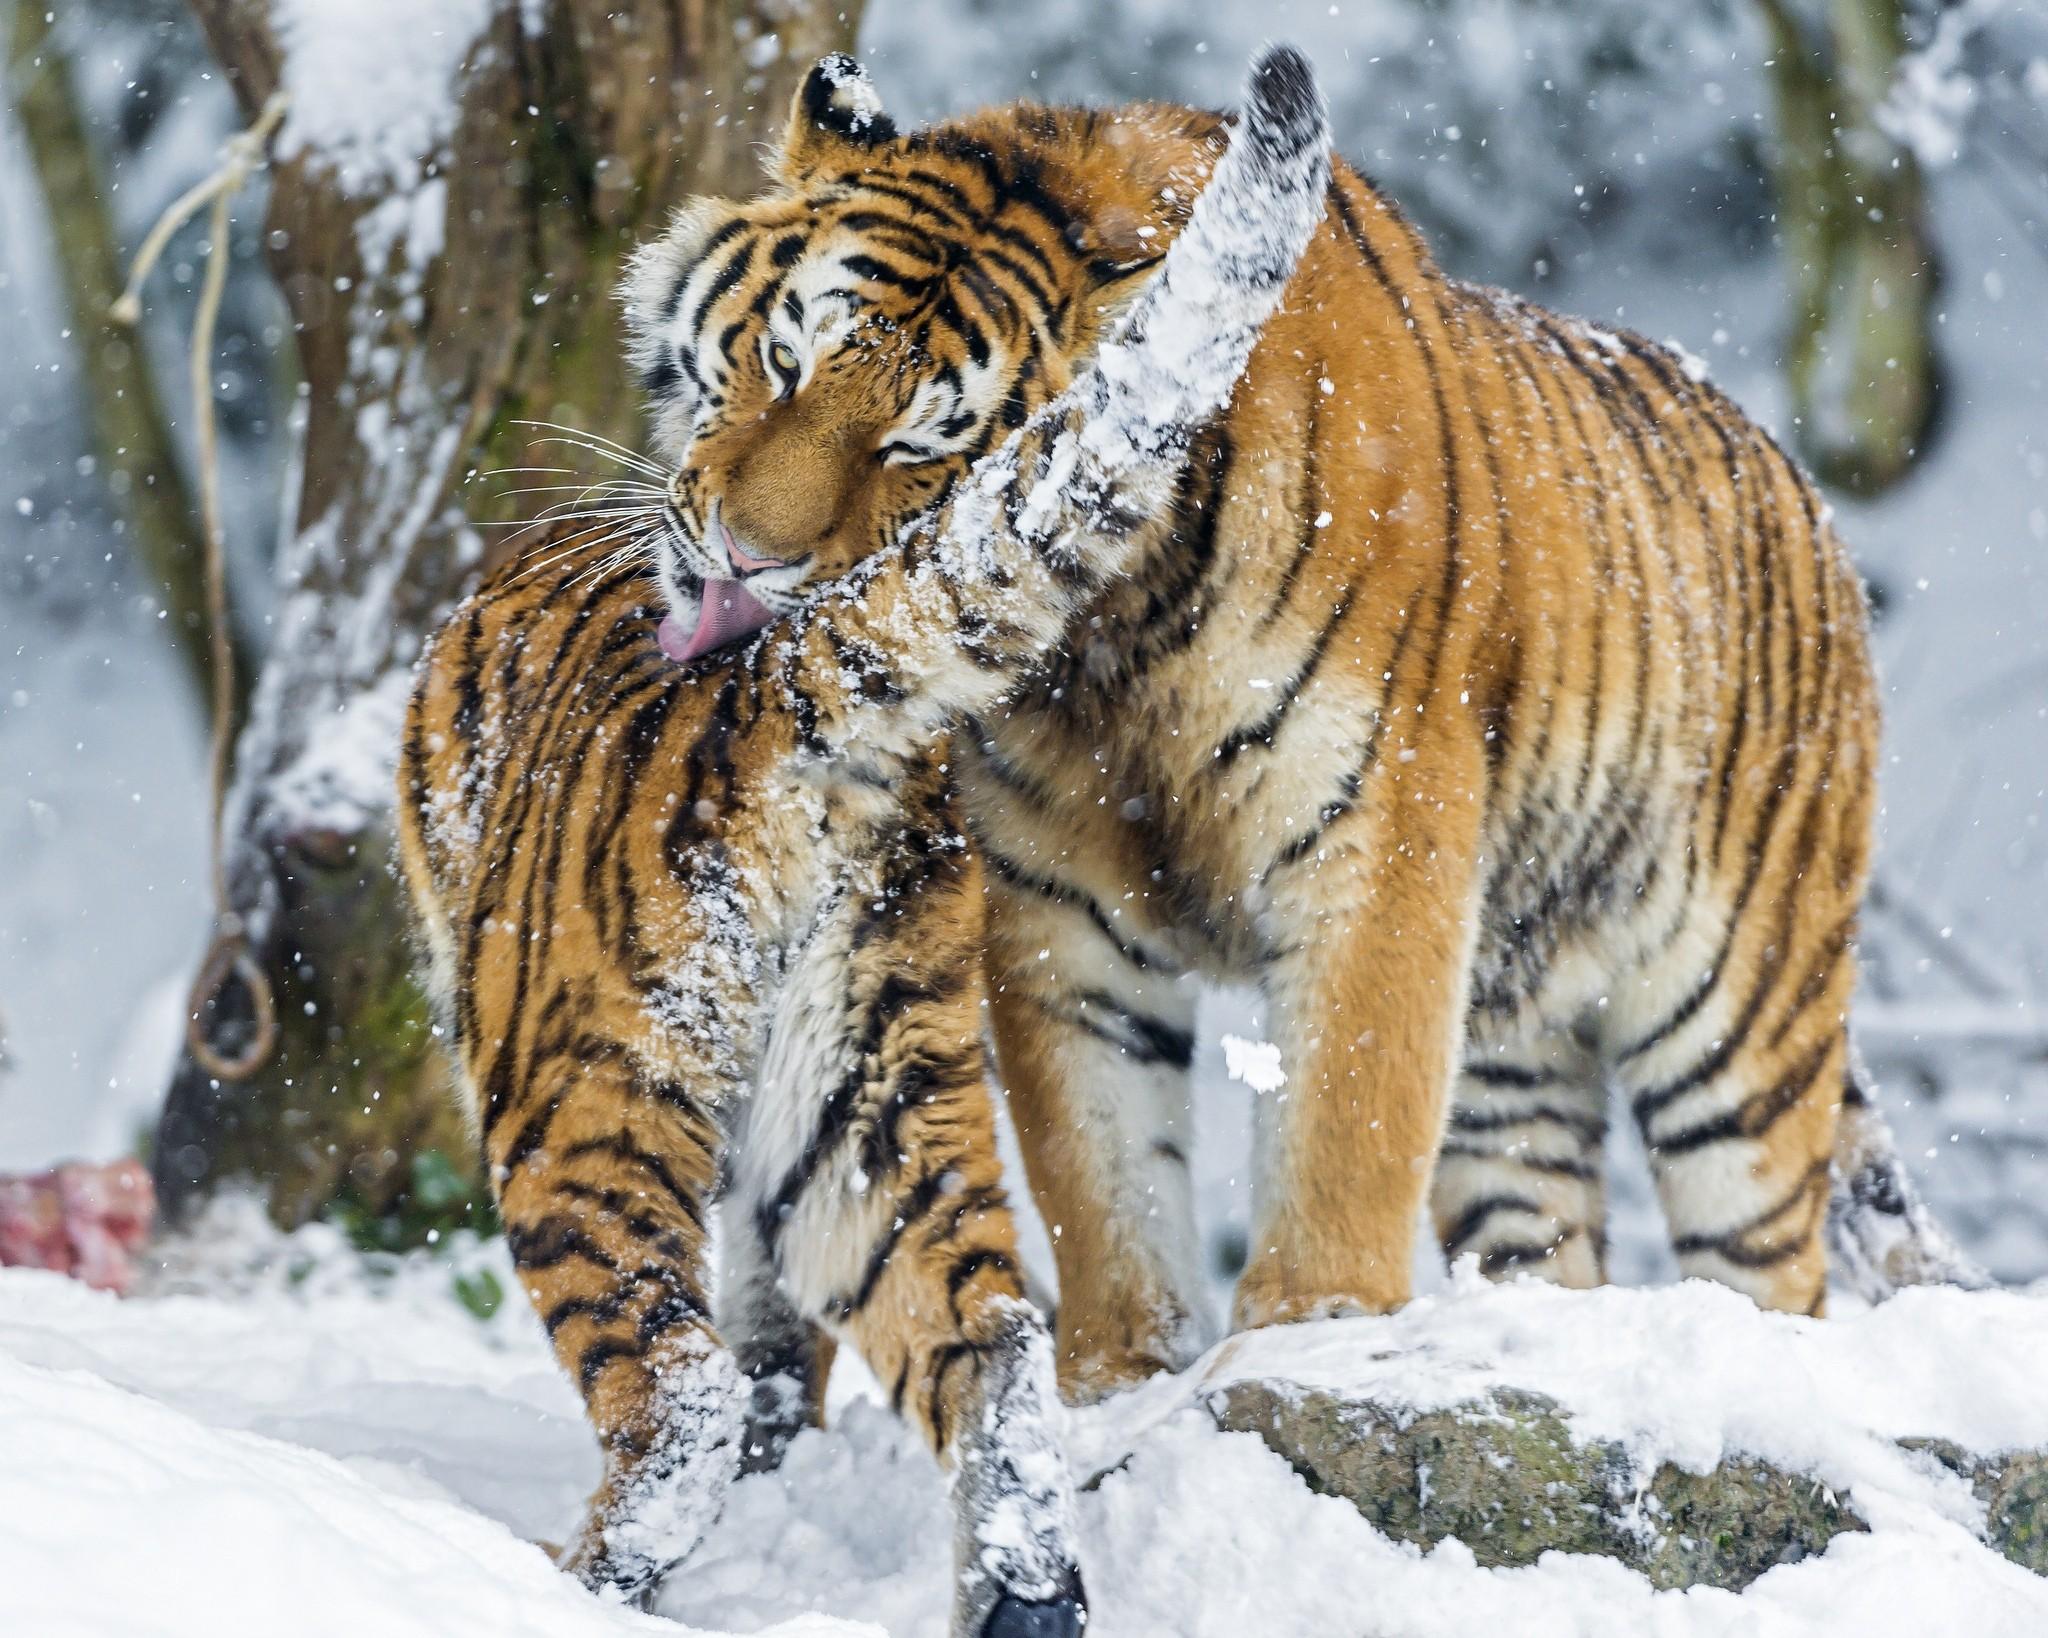 112458 Hintergrundbild herunterladen Tiere, Schnee, Junge, Große Katze, Big Cat, Joey, Raubtiere, Amur-Tiger - Bildschirmschoner und Bilder kostenlos